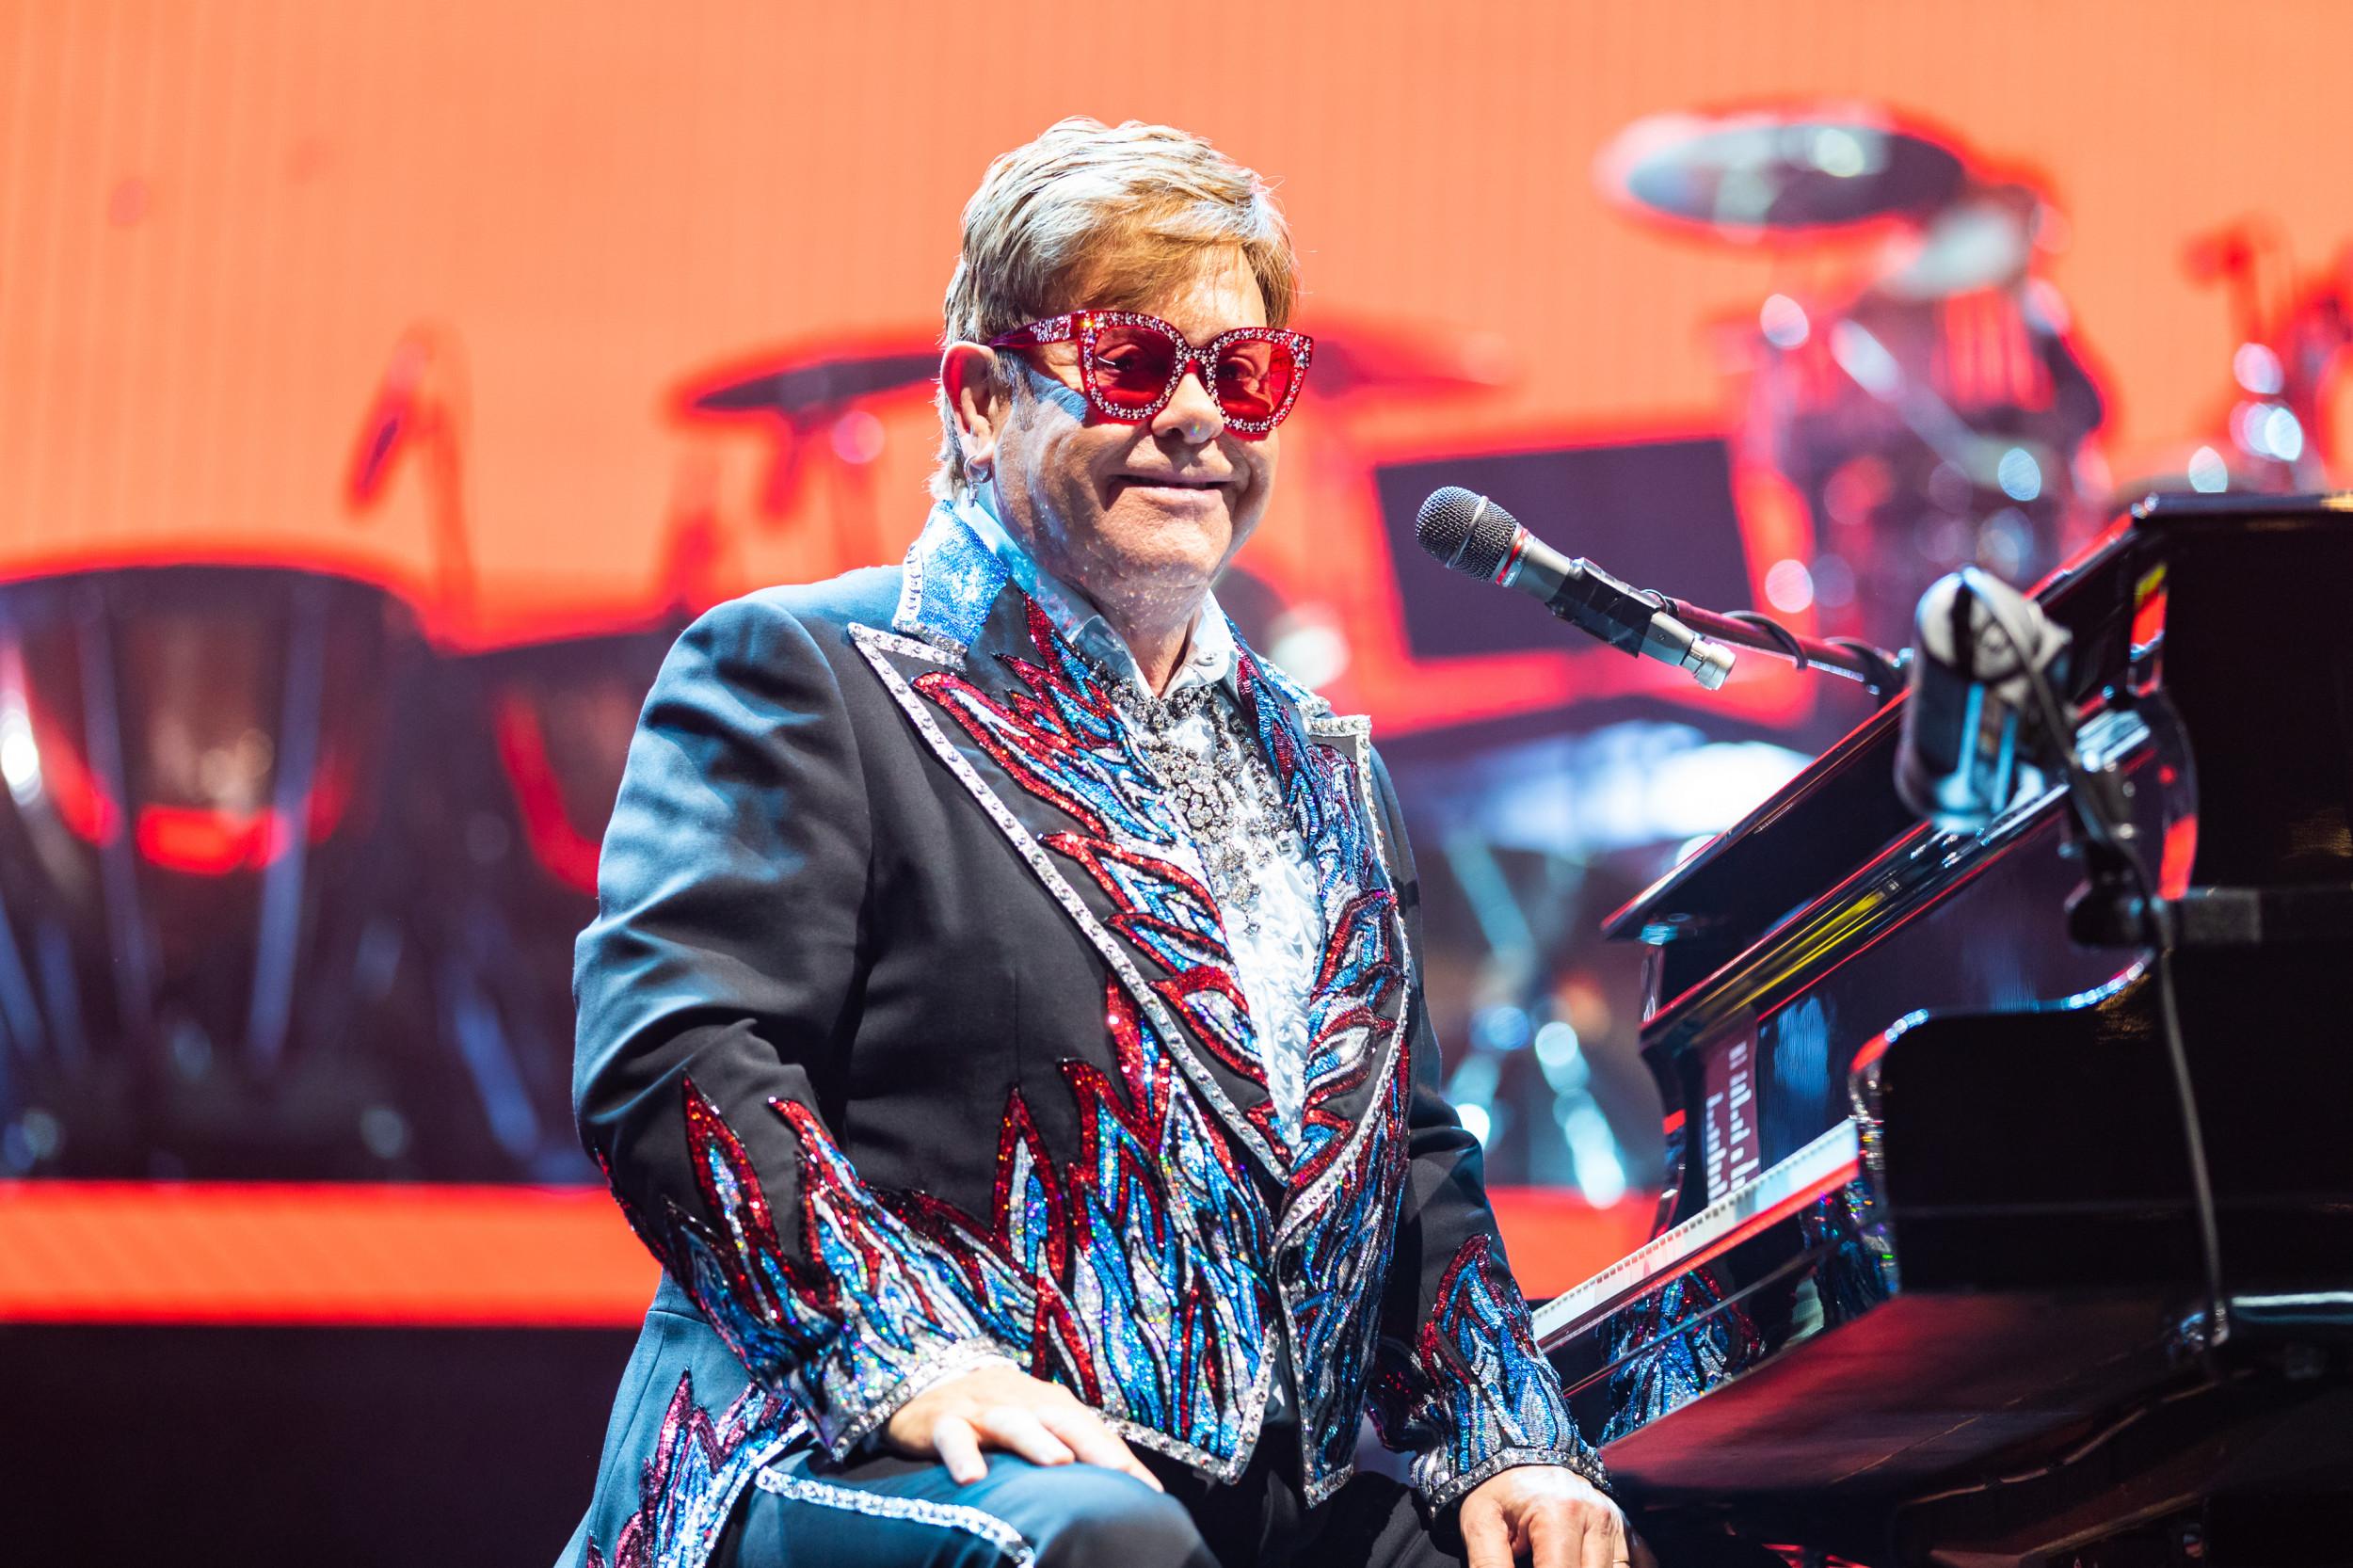 Hình ảnh Elton John trên sân khấu luôn gắn với đàn piano.